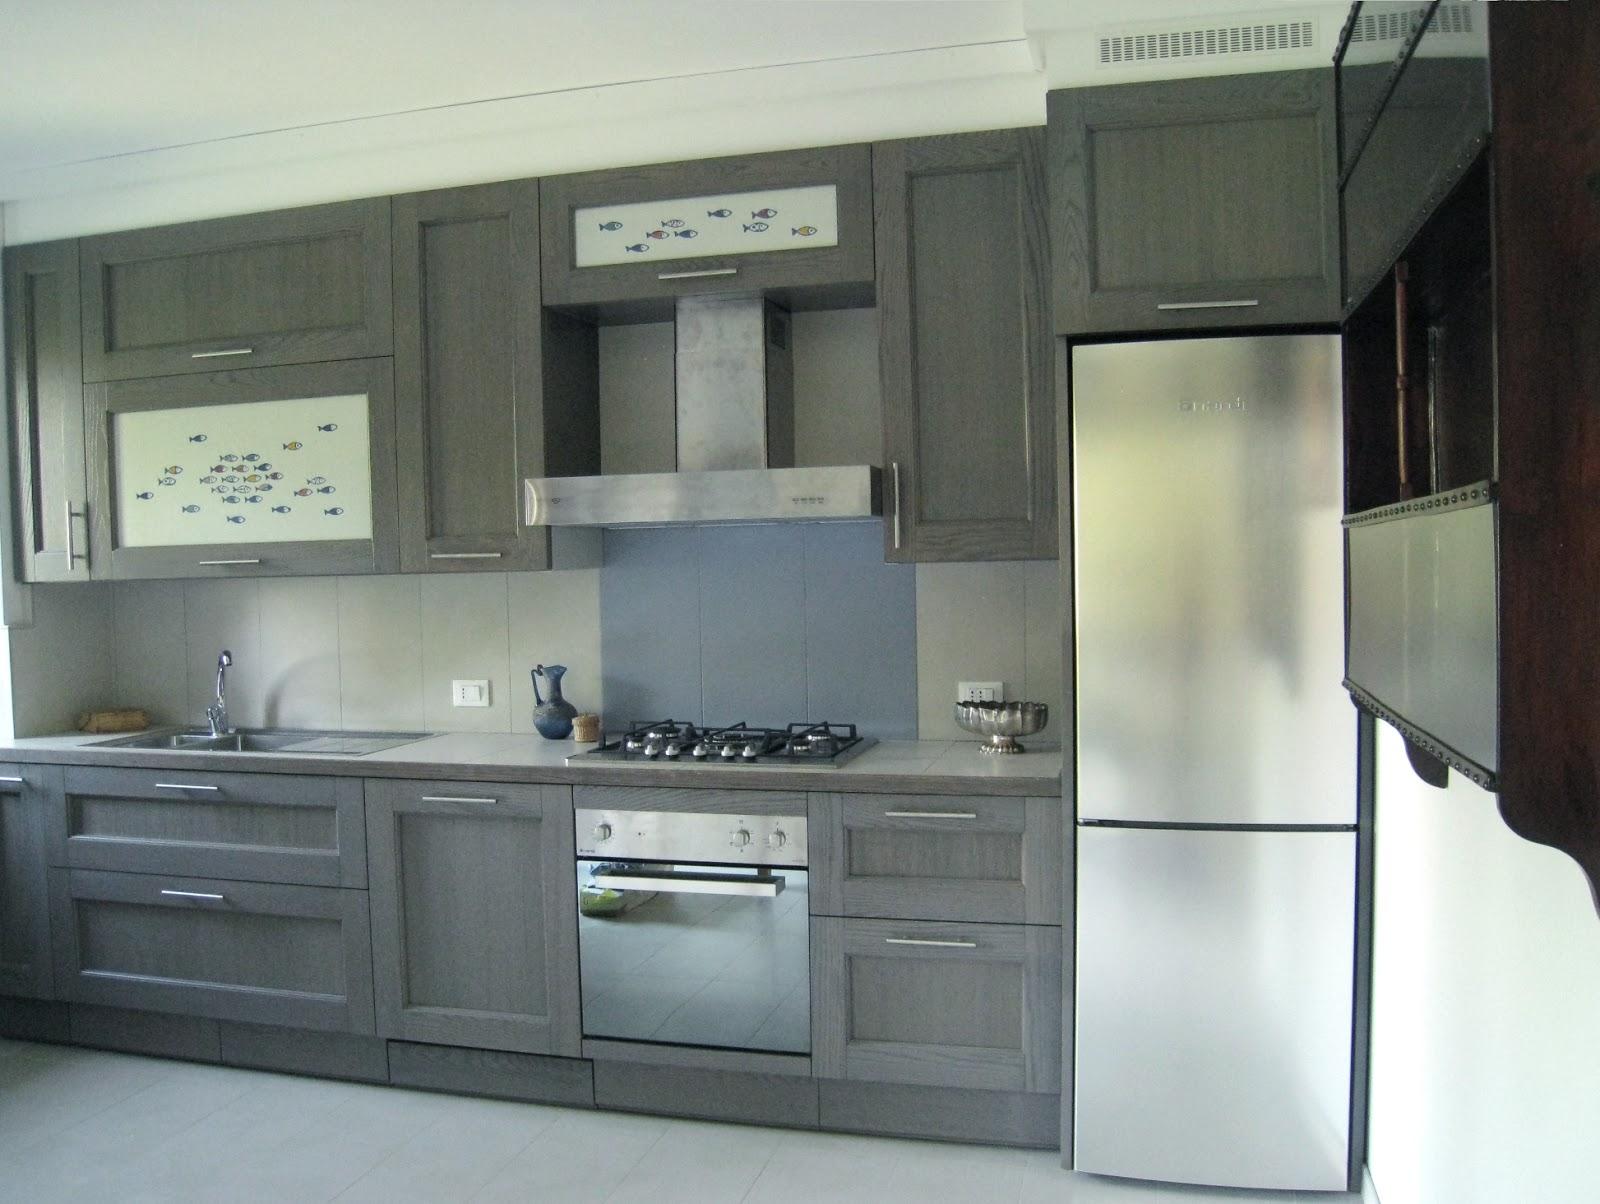 Cucine 3 Metri Lineari. Cucine Metri Lineari Simple Cucina Metri ...